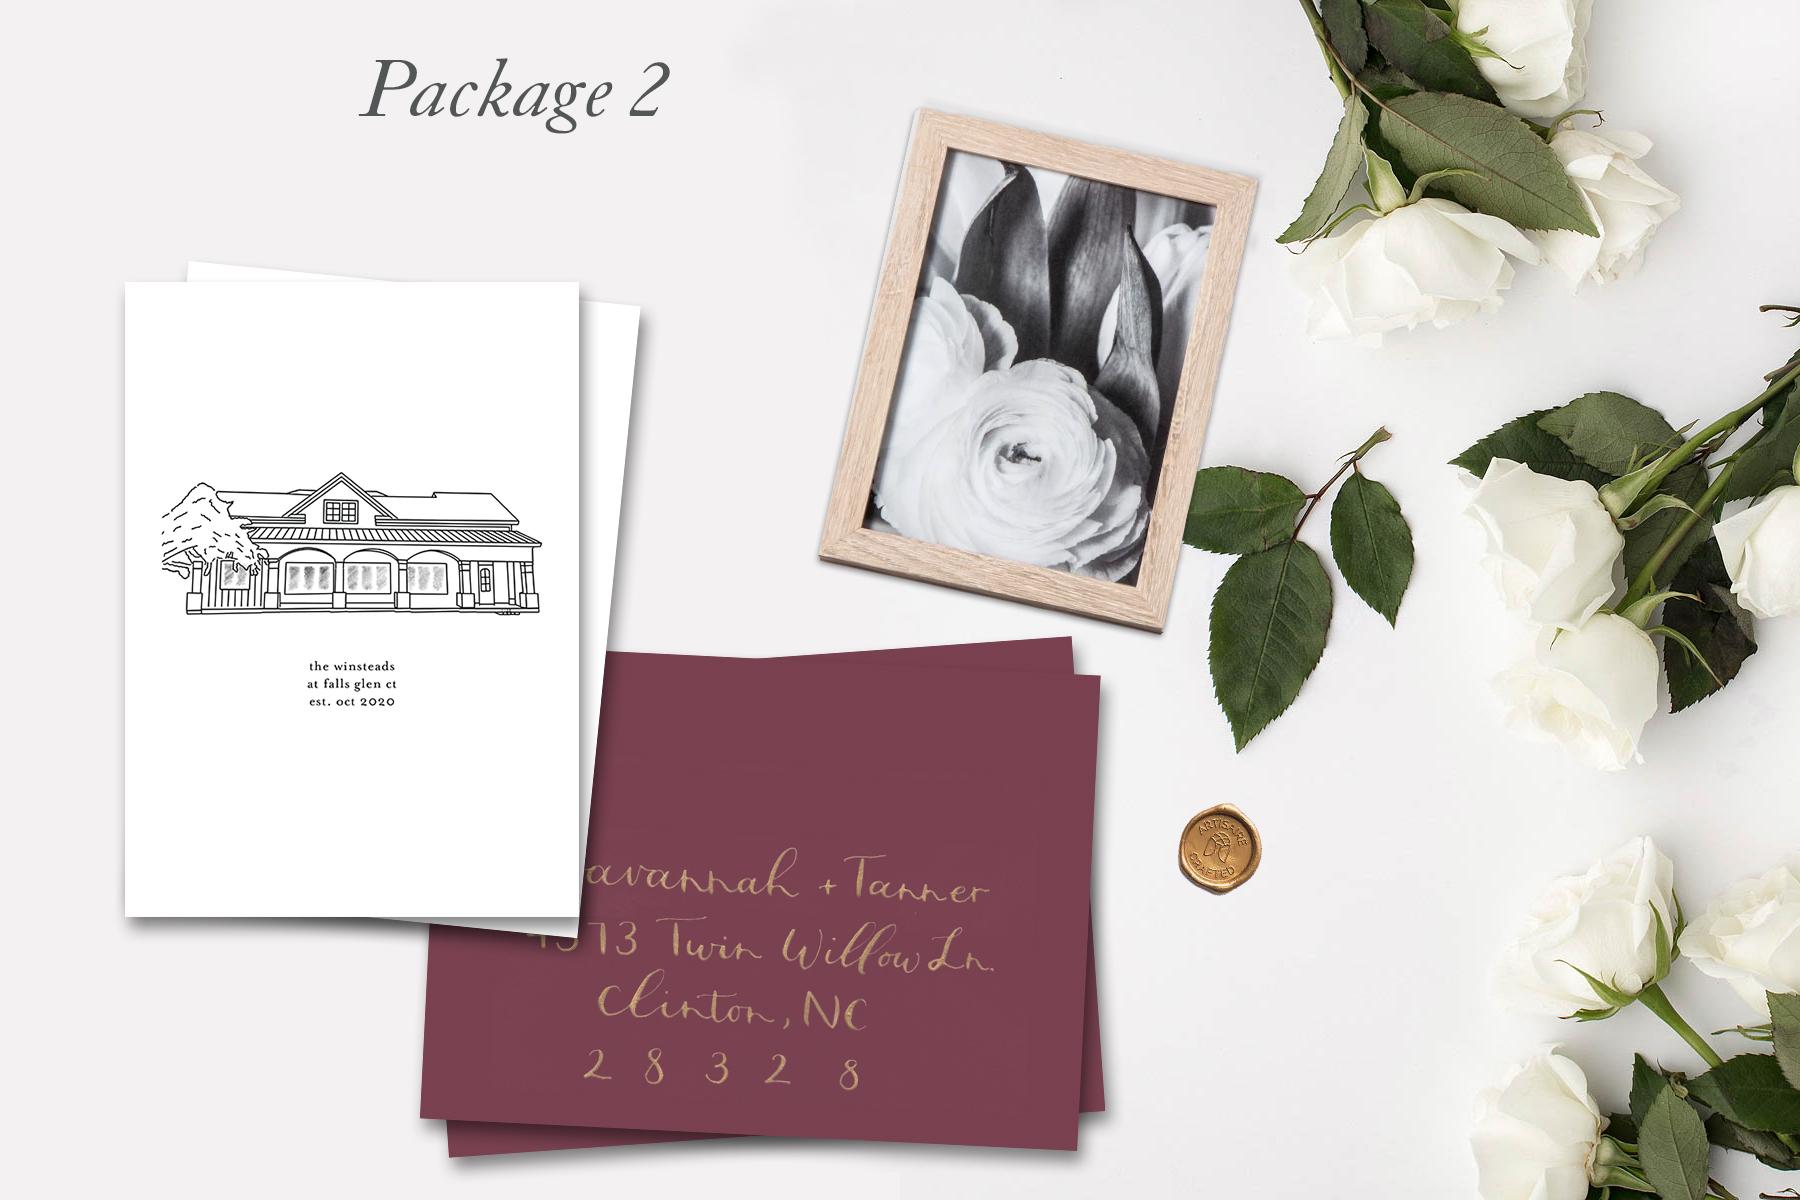 Real Estate Packages Mockup Package 2.jpg